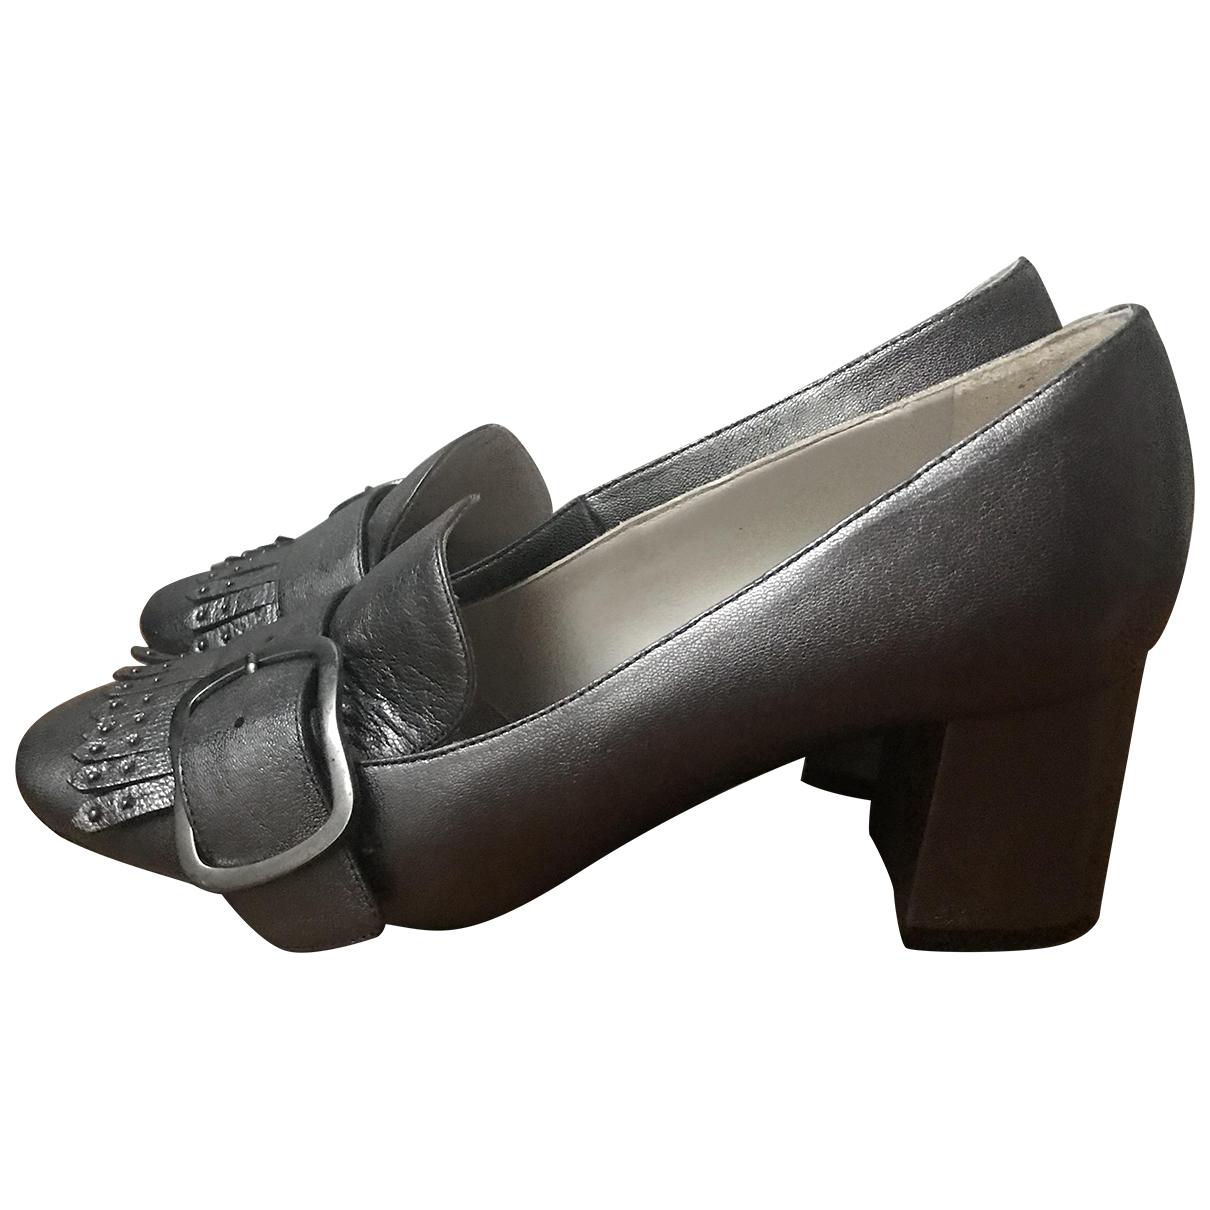 Minelli - Escarpins   pour femme en cuir - gris